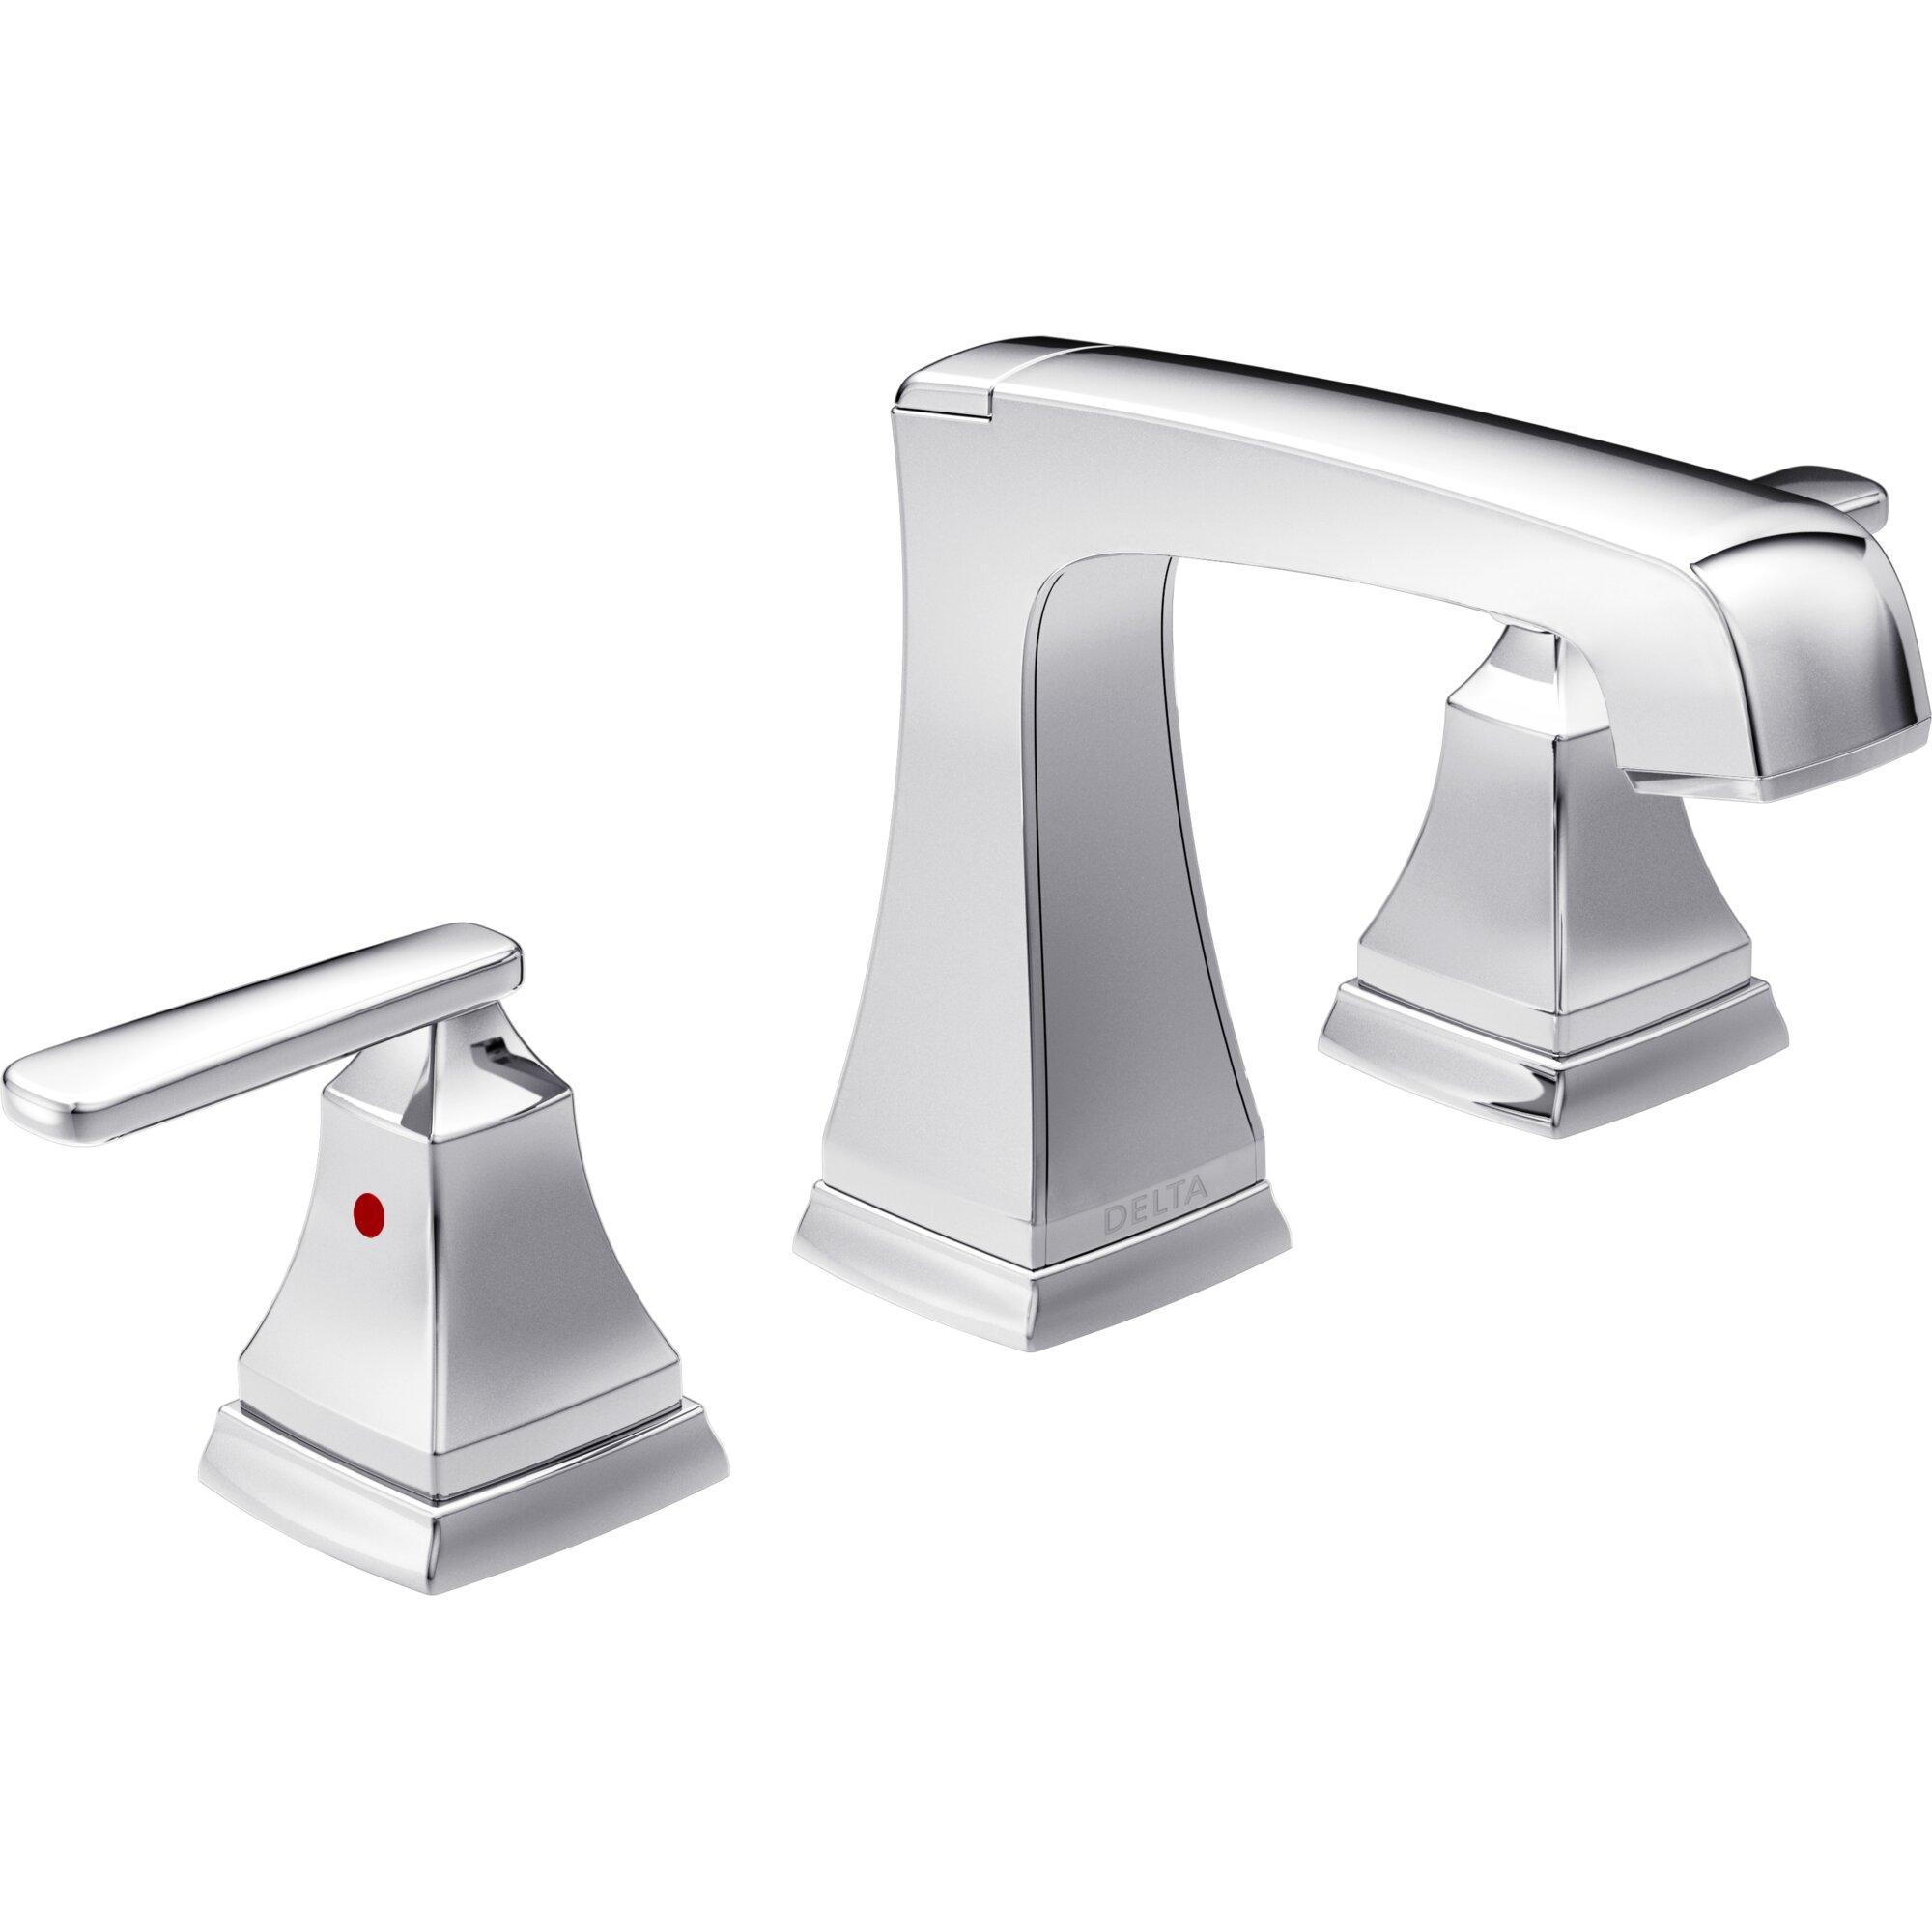 Delta Ashlyn Standard Bathroom Faucet Lever Handle With